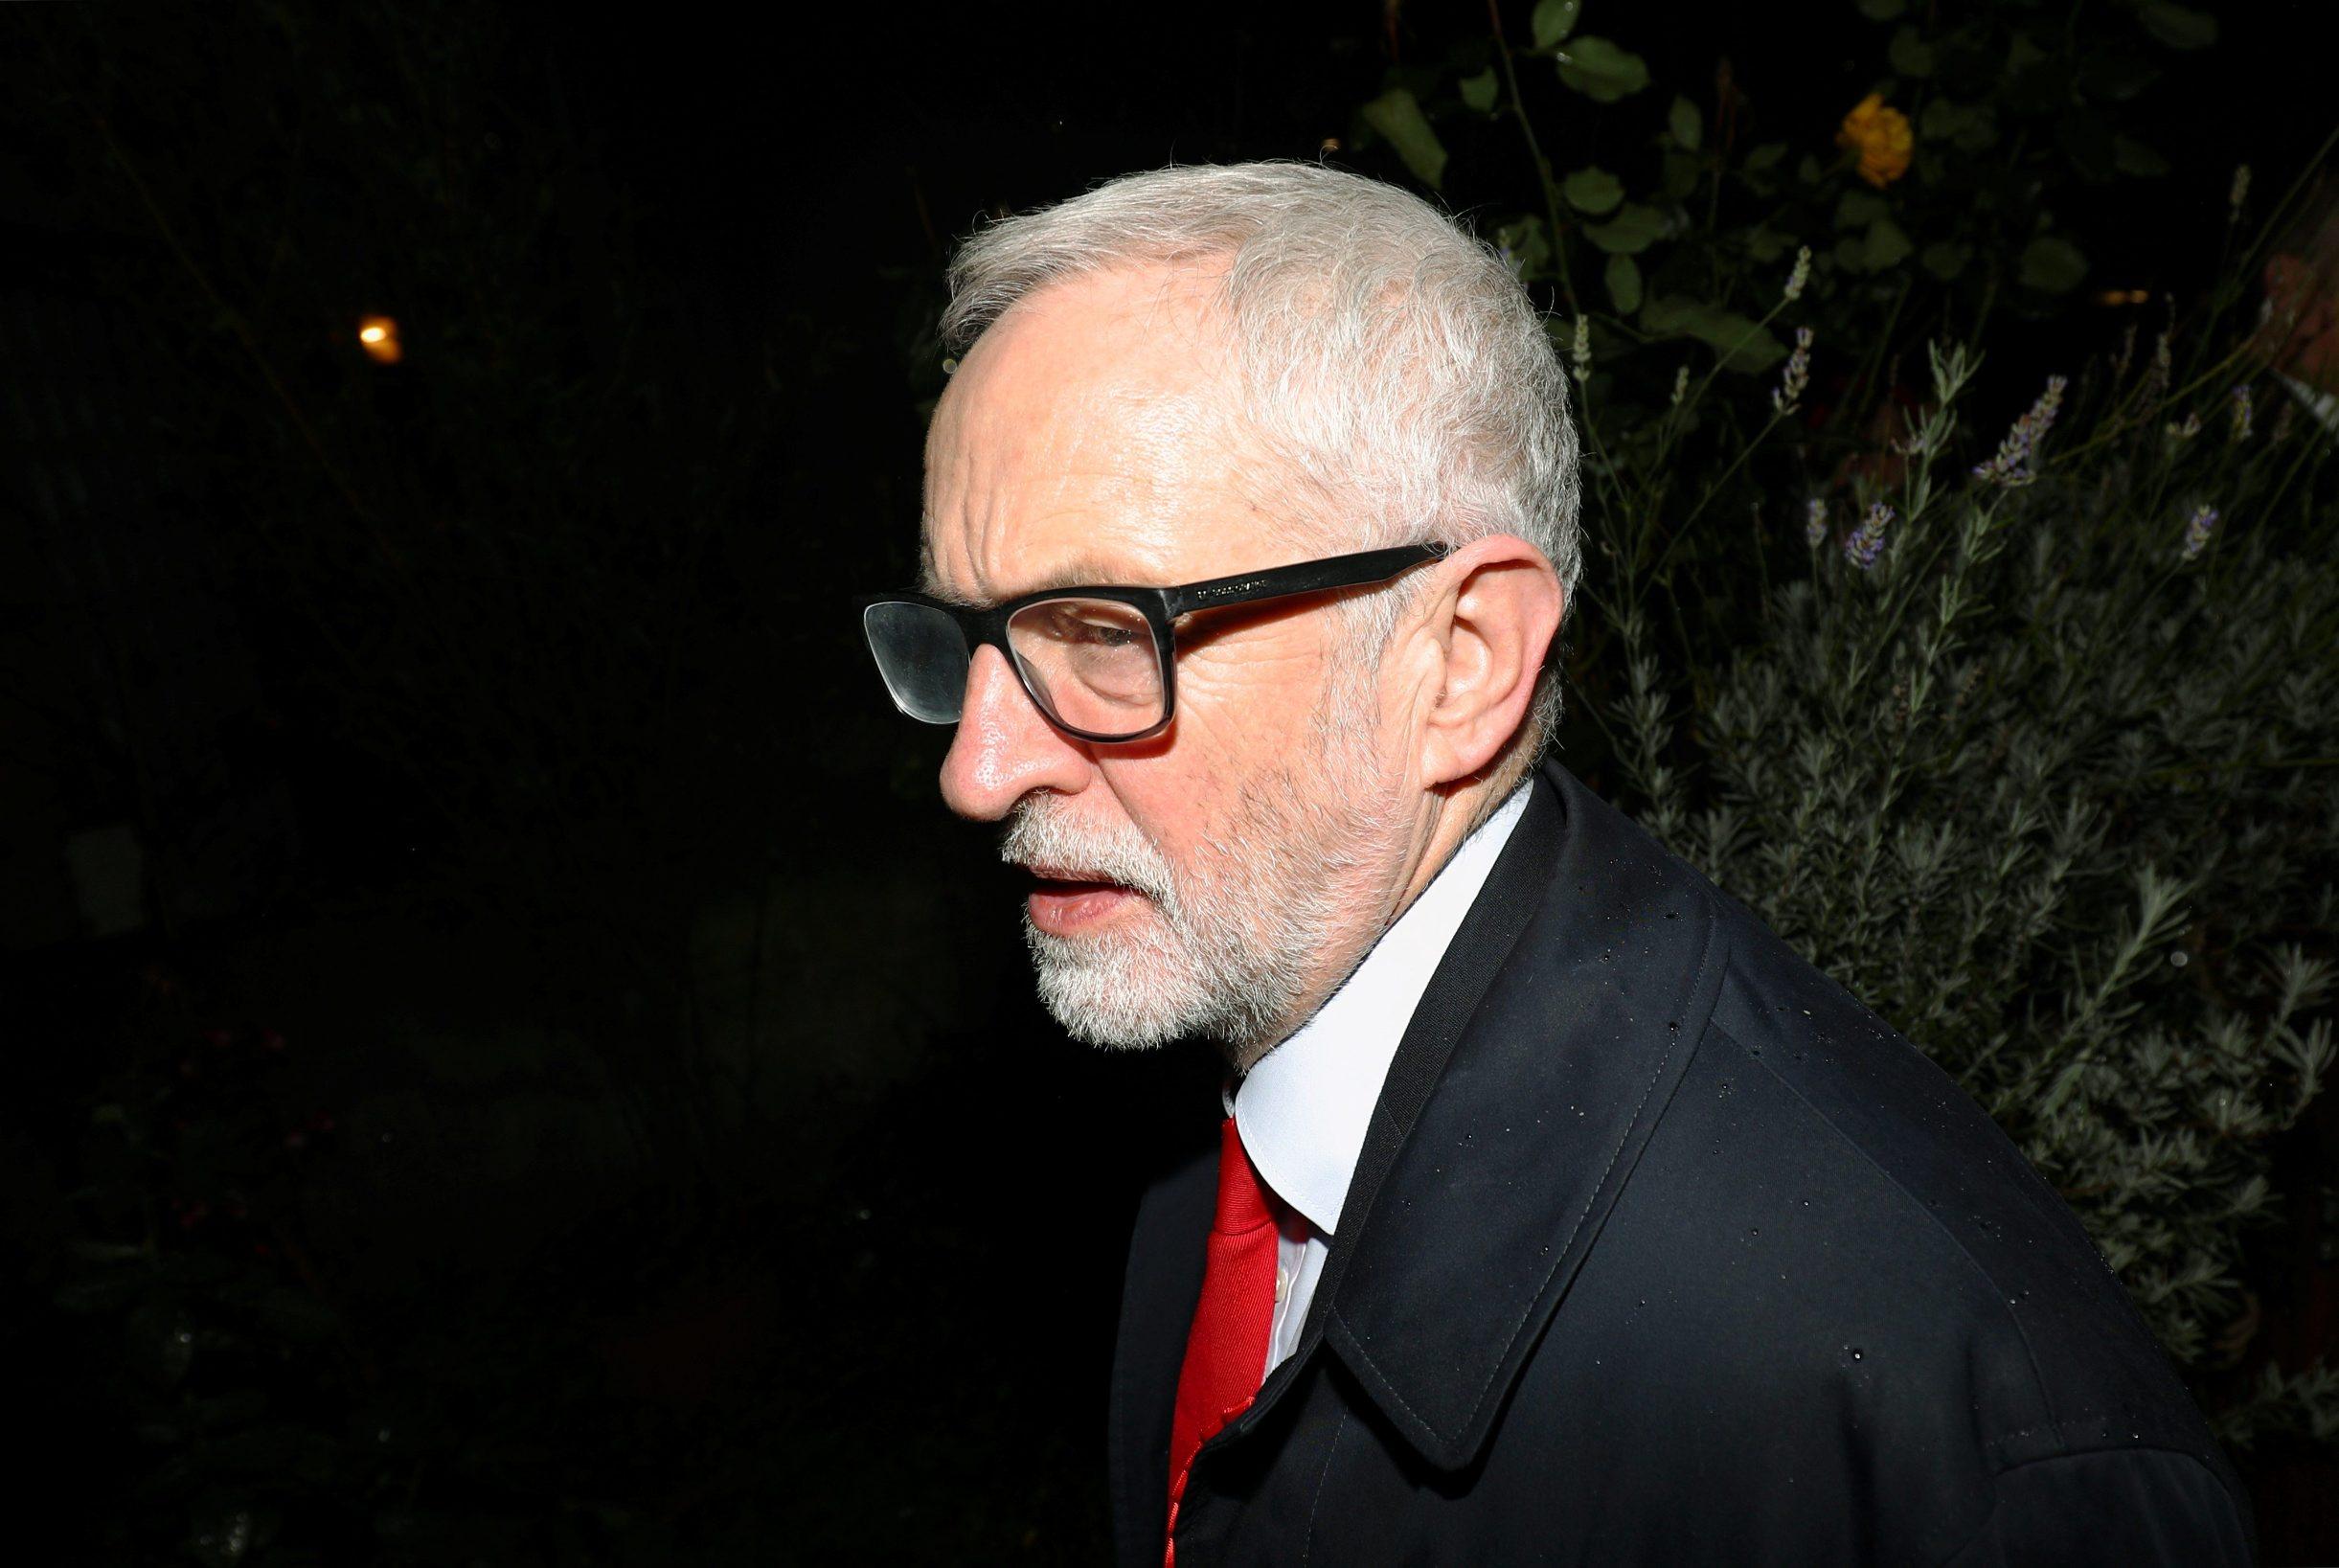 Čelnik opozicije Jeremy Corbyn